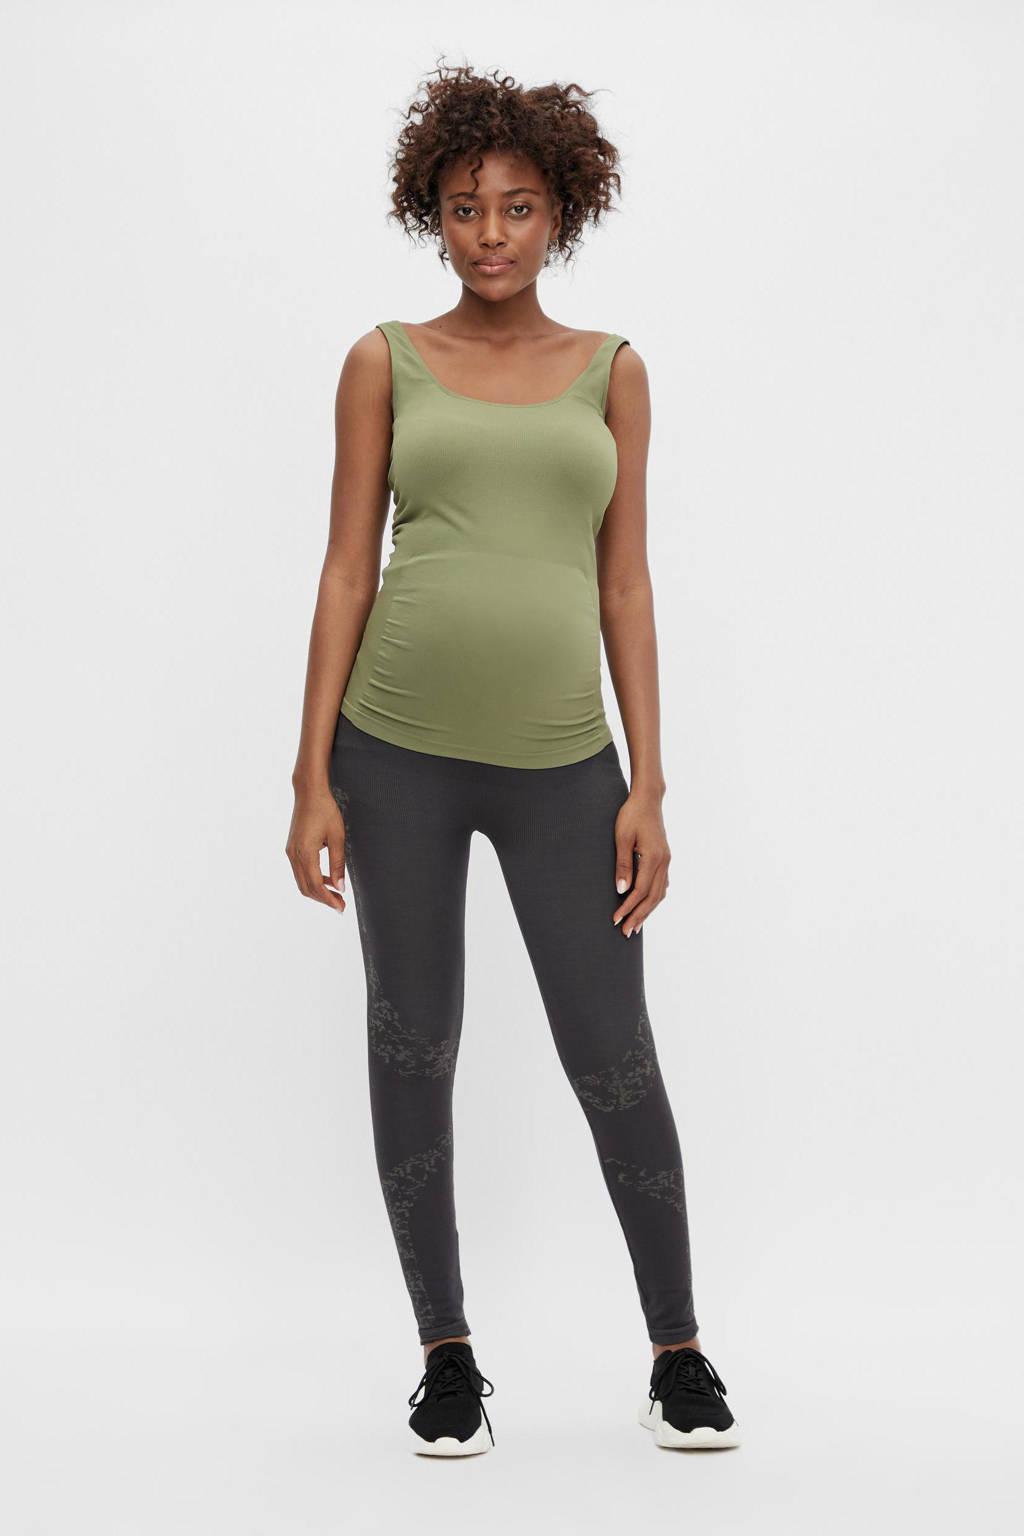 MAMALICIOUS skinny zwangerschaps sportlegging Delta met printopdruk grijs, Grijs